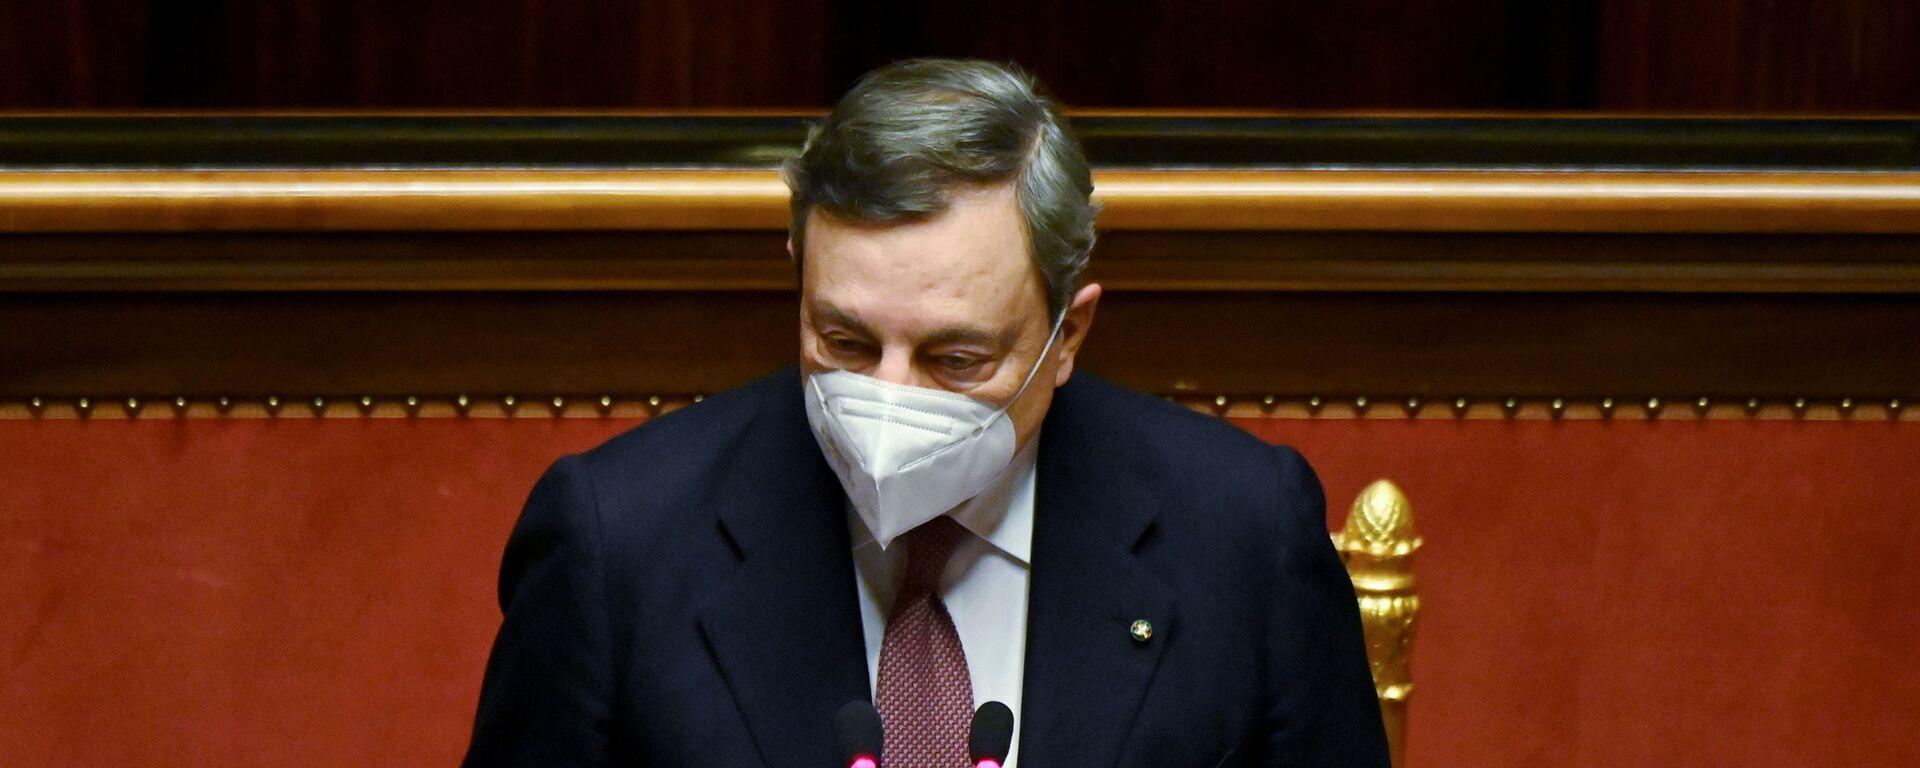 Il presidente del Consiglio Mario Draghi al Senato - Sputnik Italia, 1920, 19.02.2021